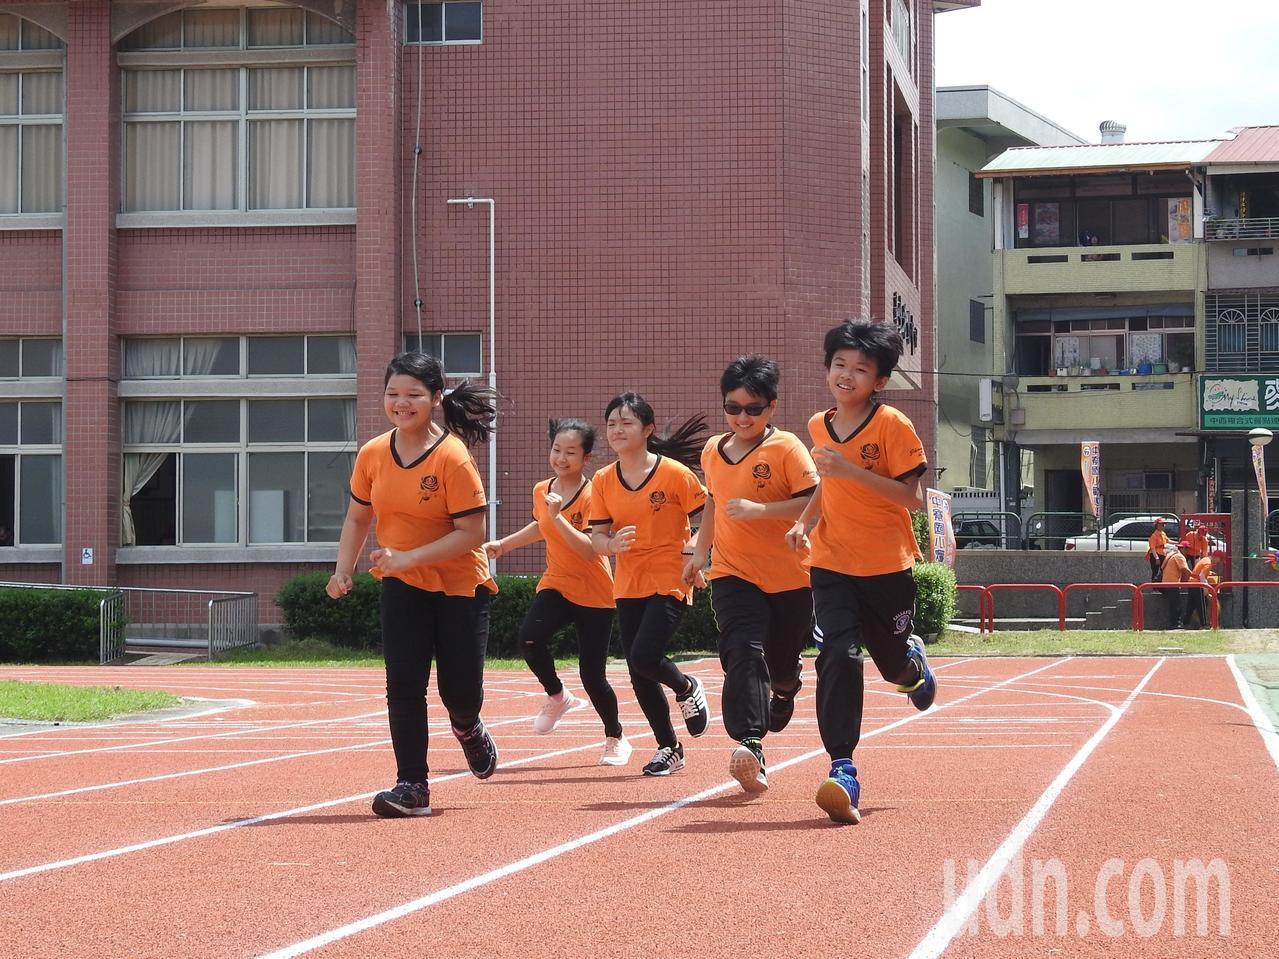 南投縣中寮國小學童看到全新的PU跑道,迫不及待的奔跑體驗。記者賴香珊/攝影